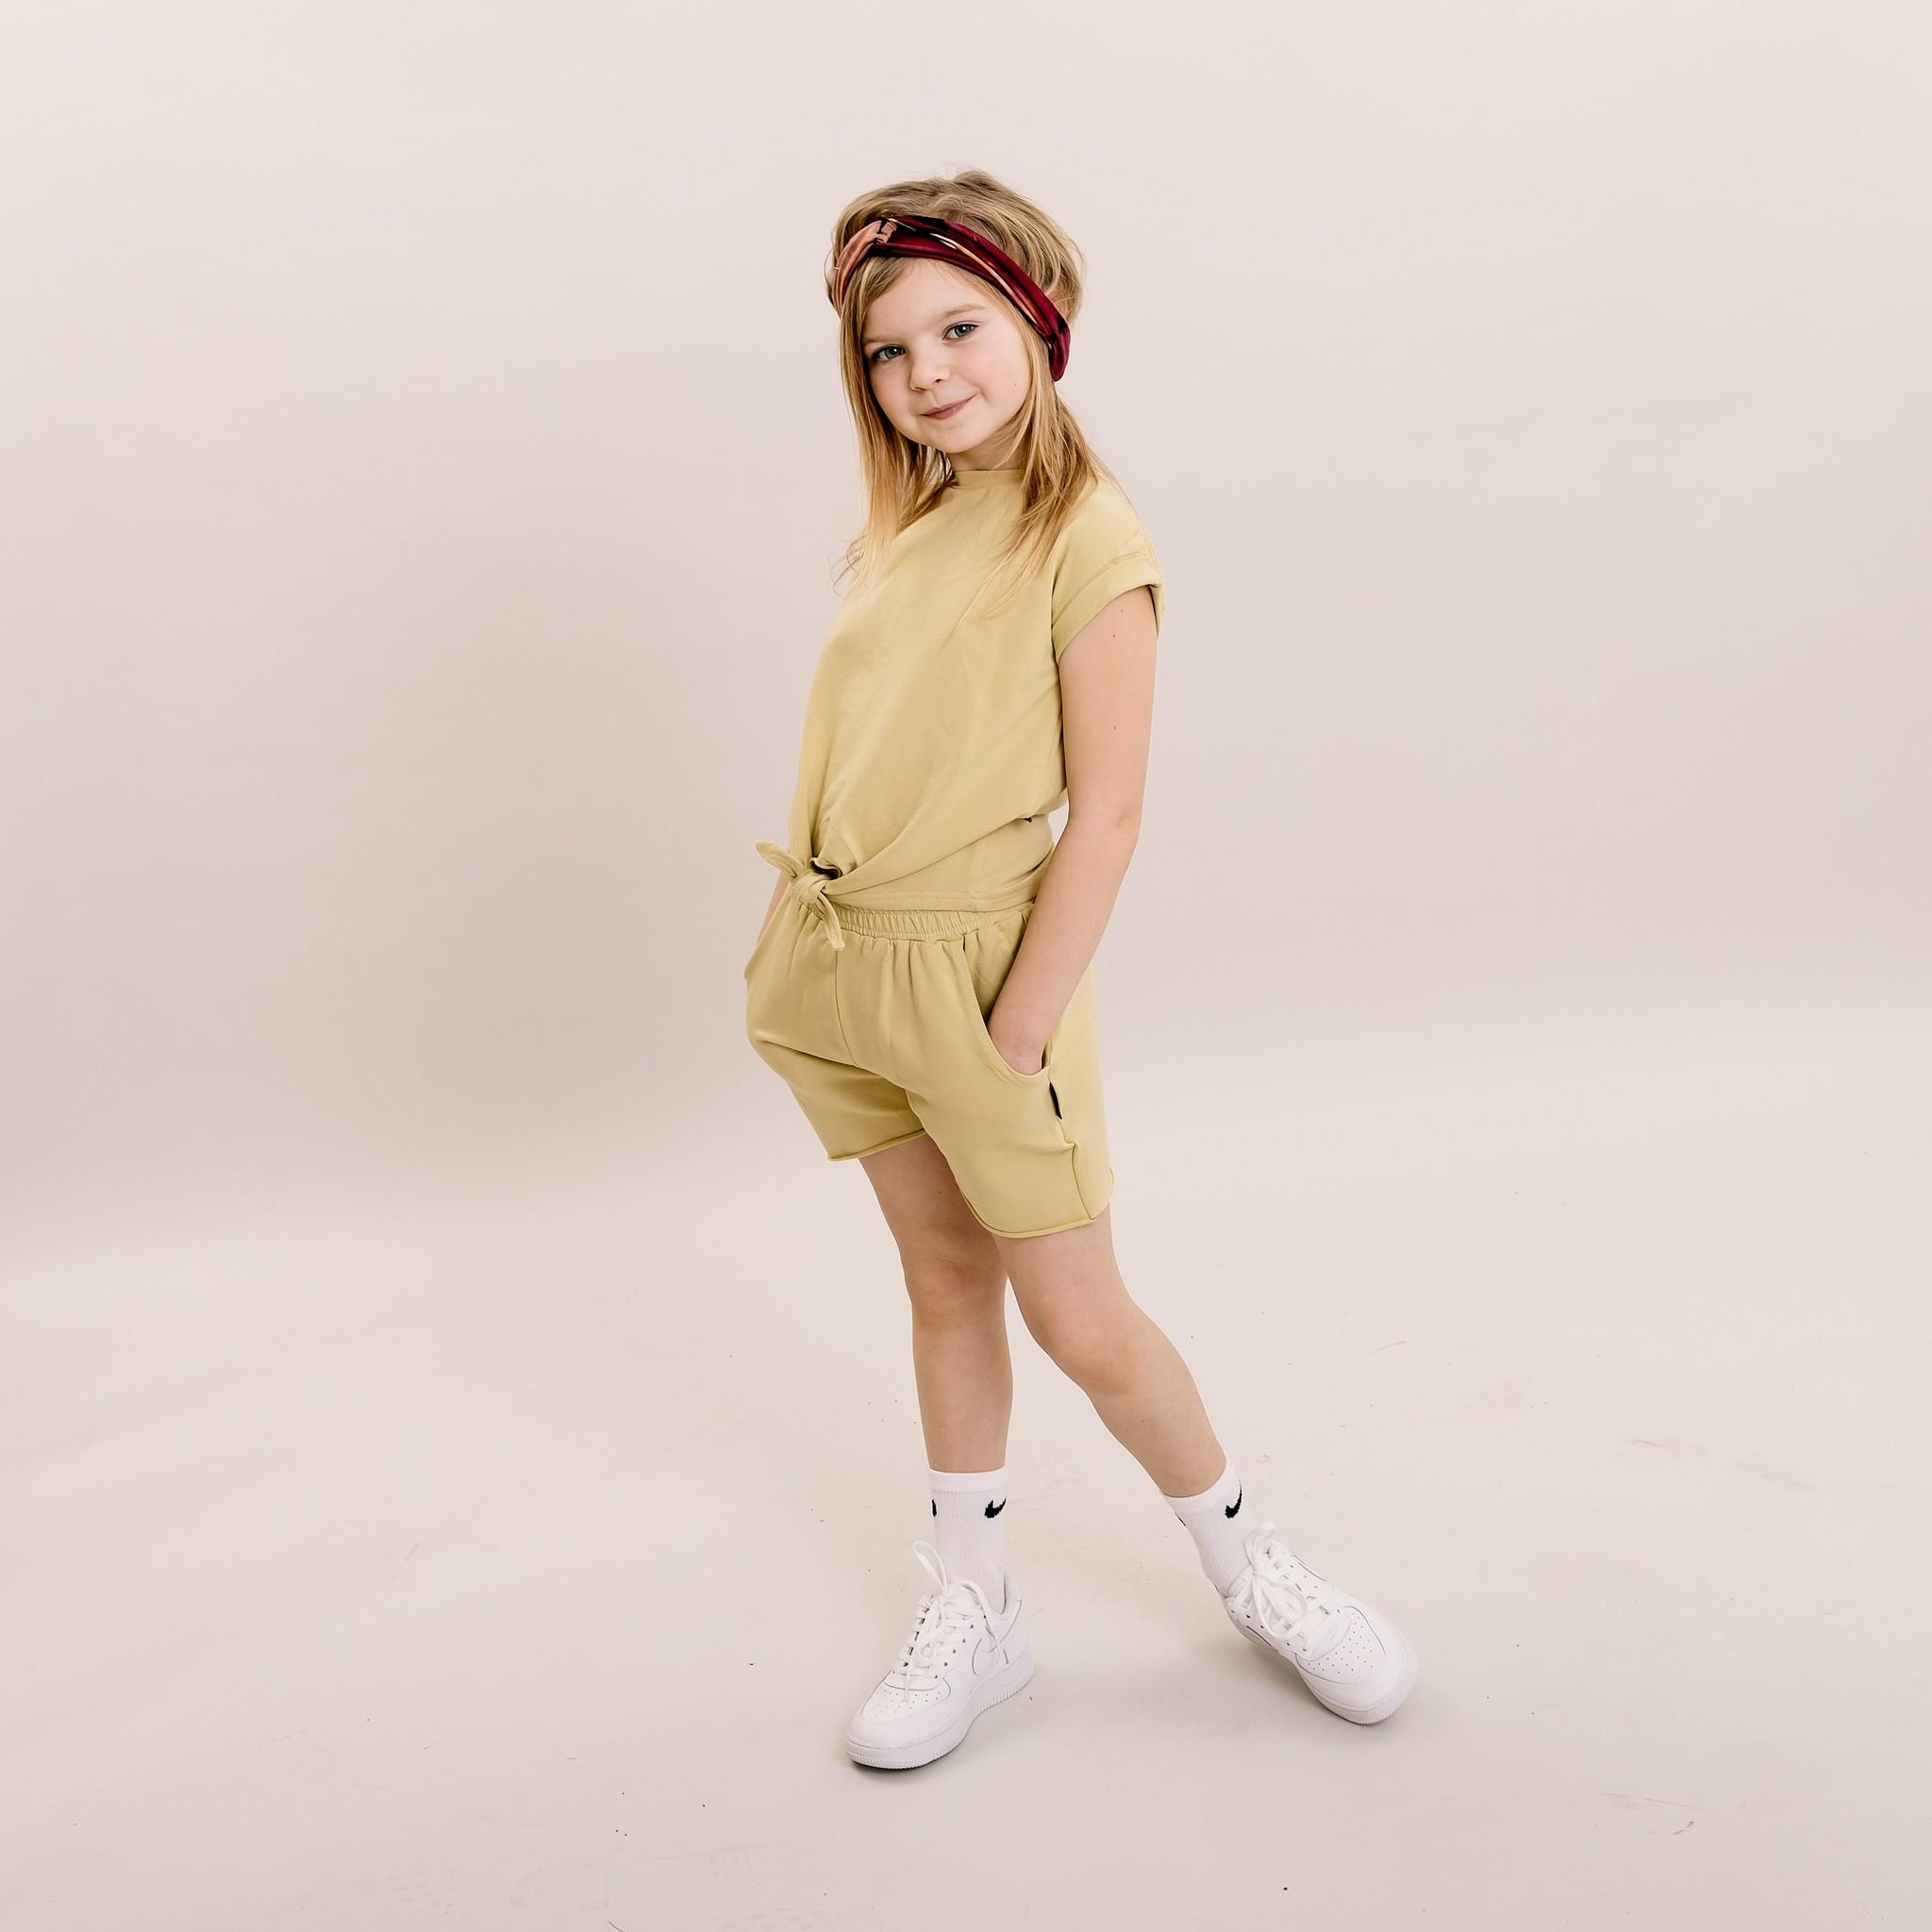 No Labels Kidswear GELE BERMUDE | KORTE BROEK GEEL| KINDERKLEDING